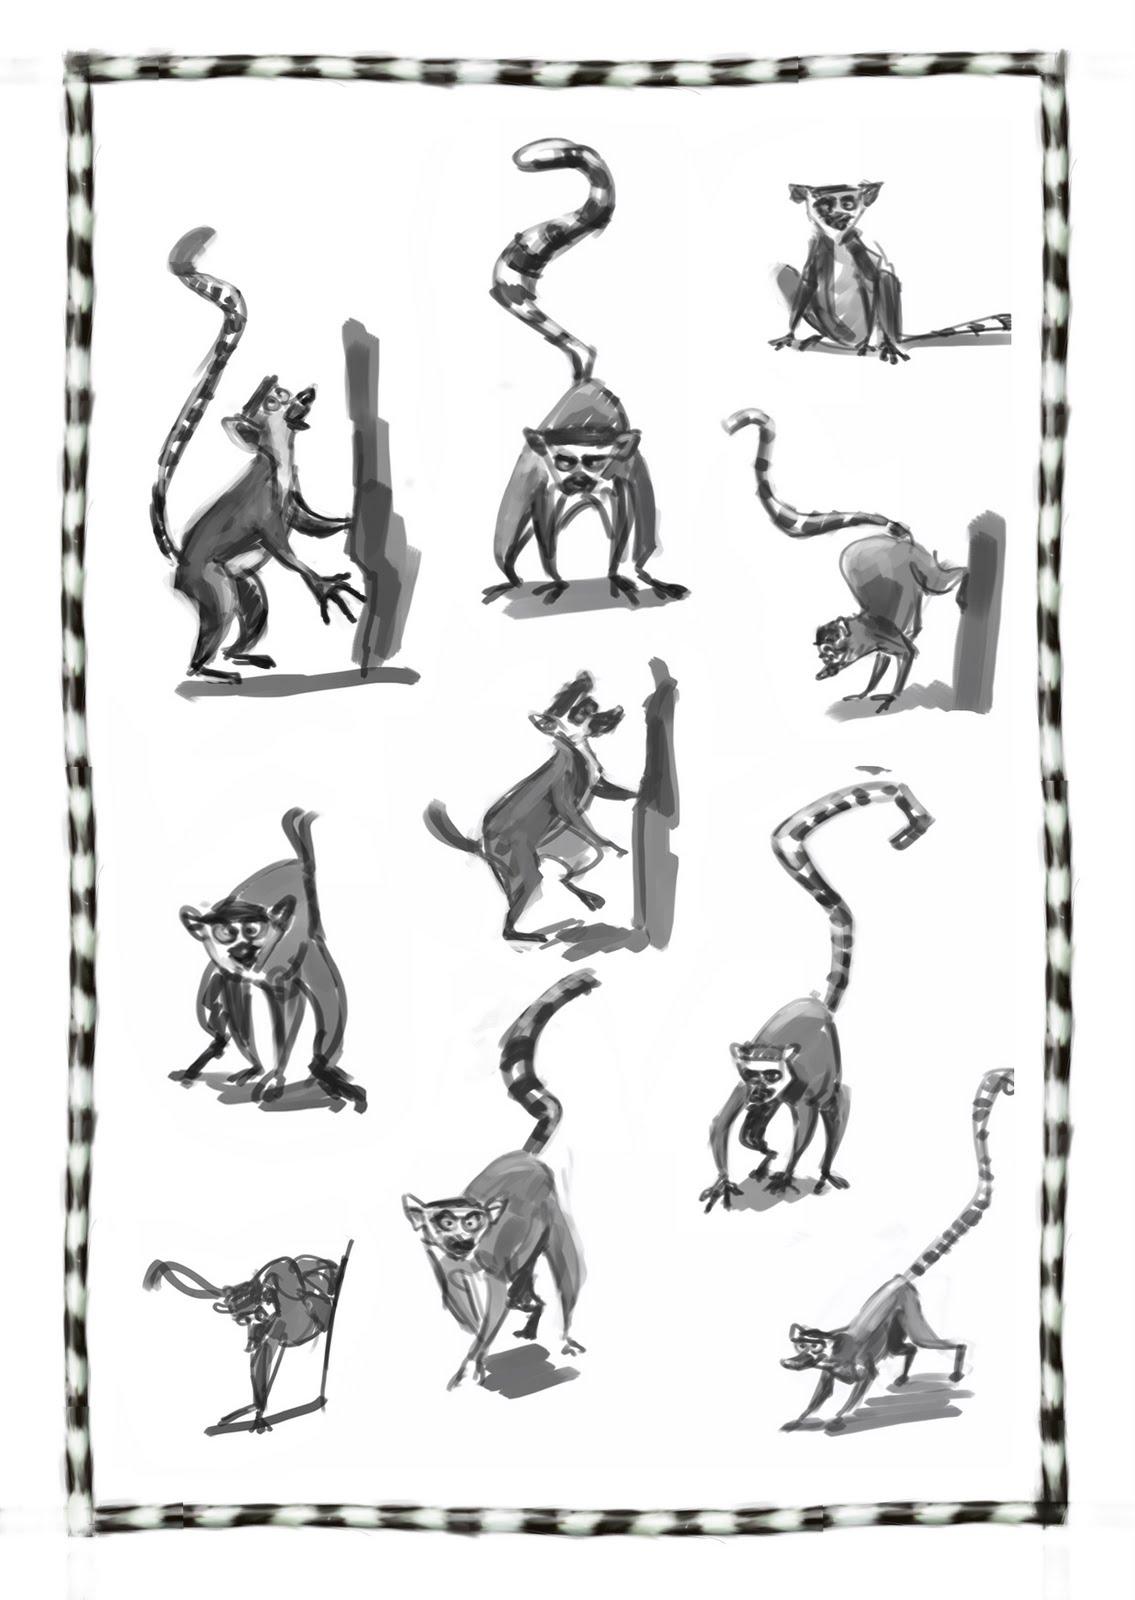 Barry O'Donoghue: Lemur sketches